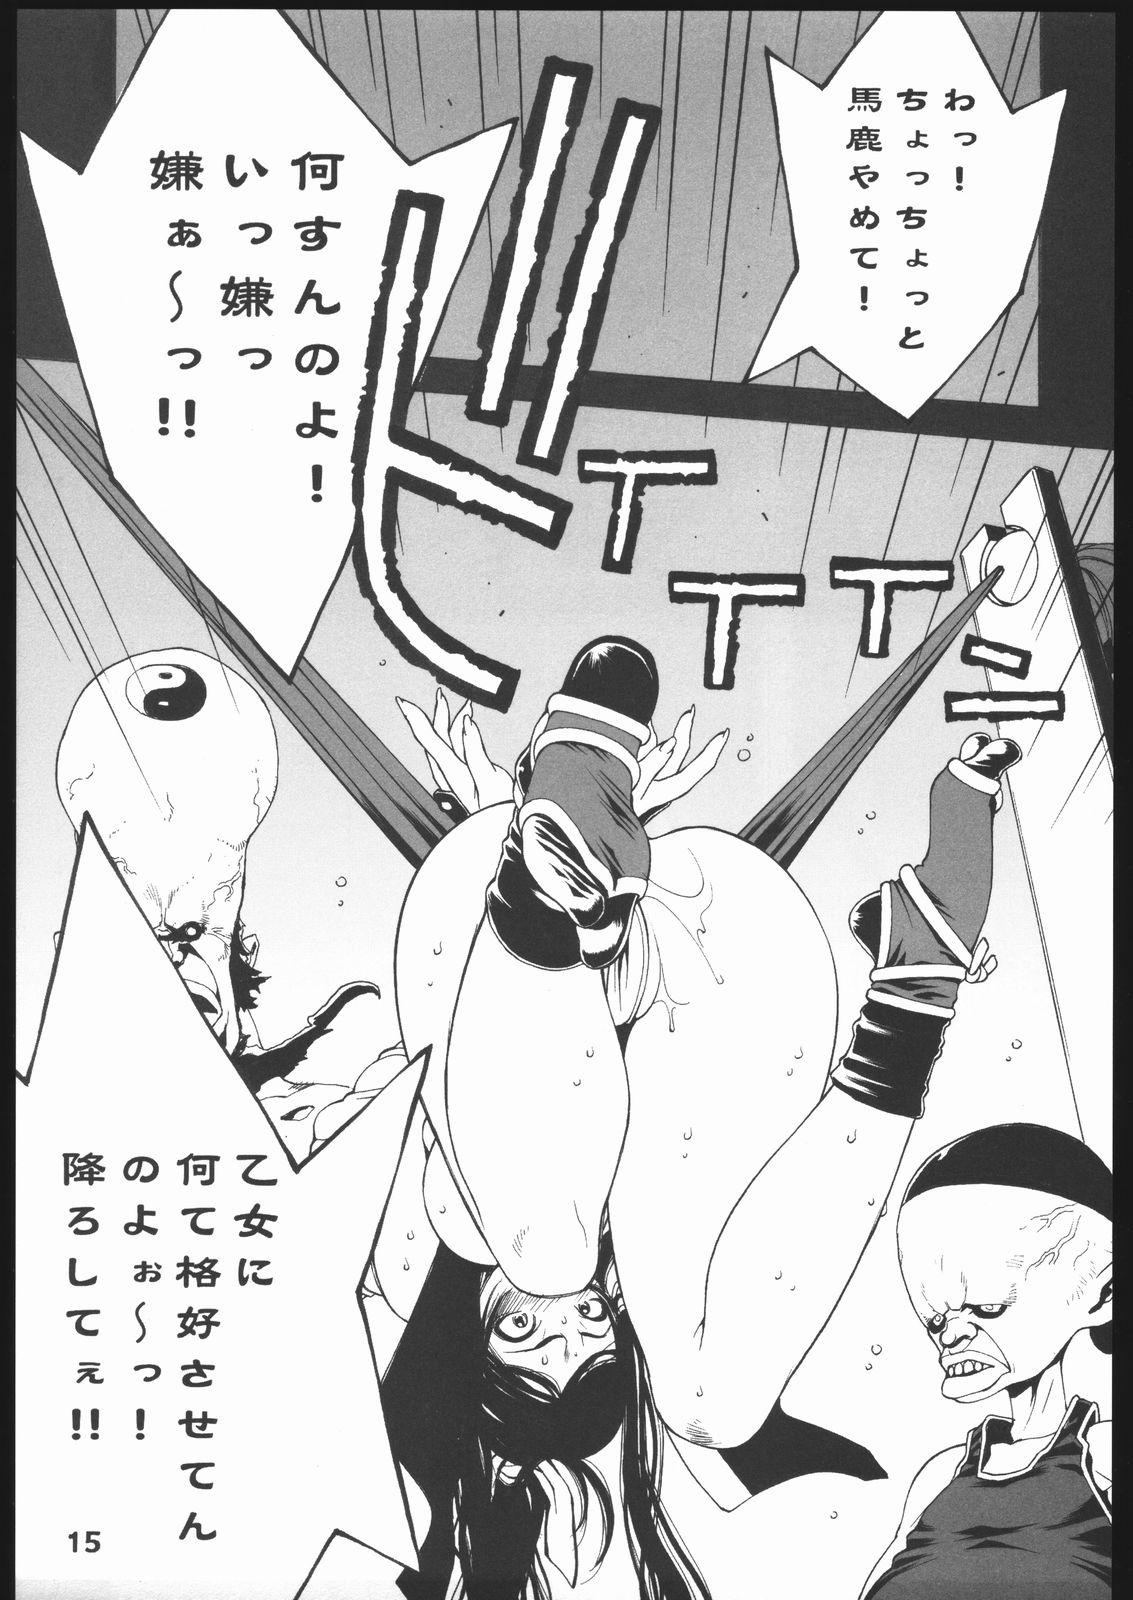 Shiranui Futatsu 15